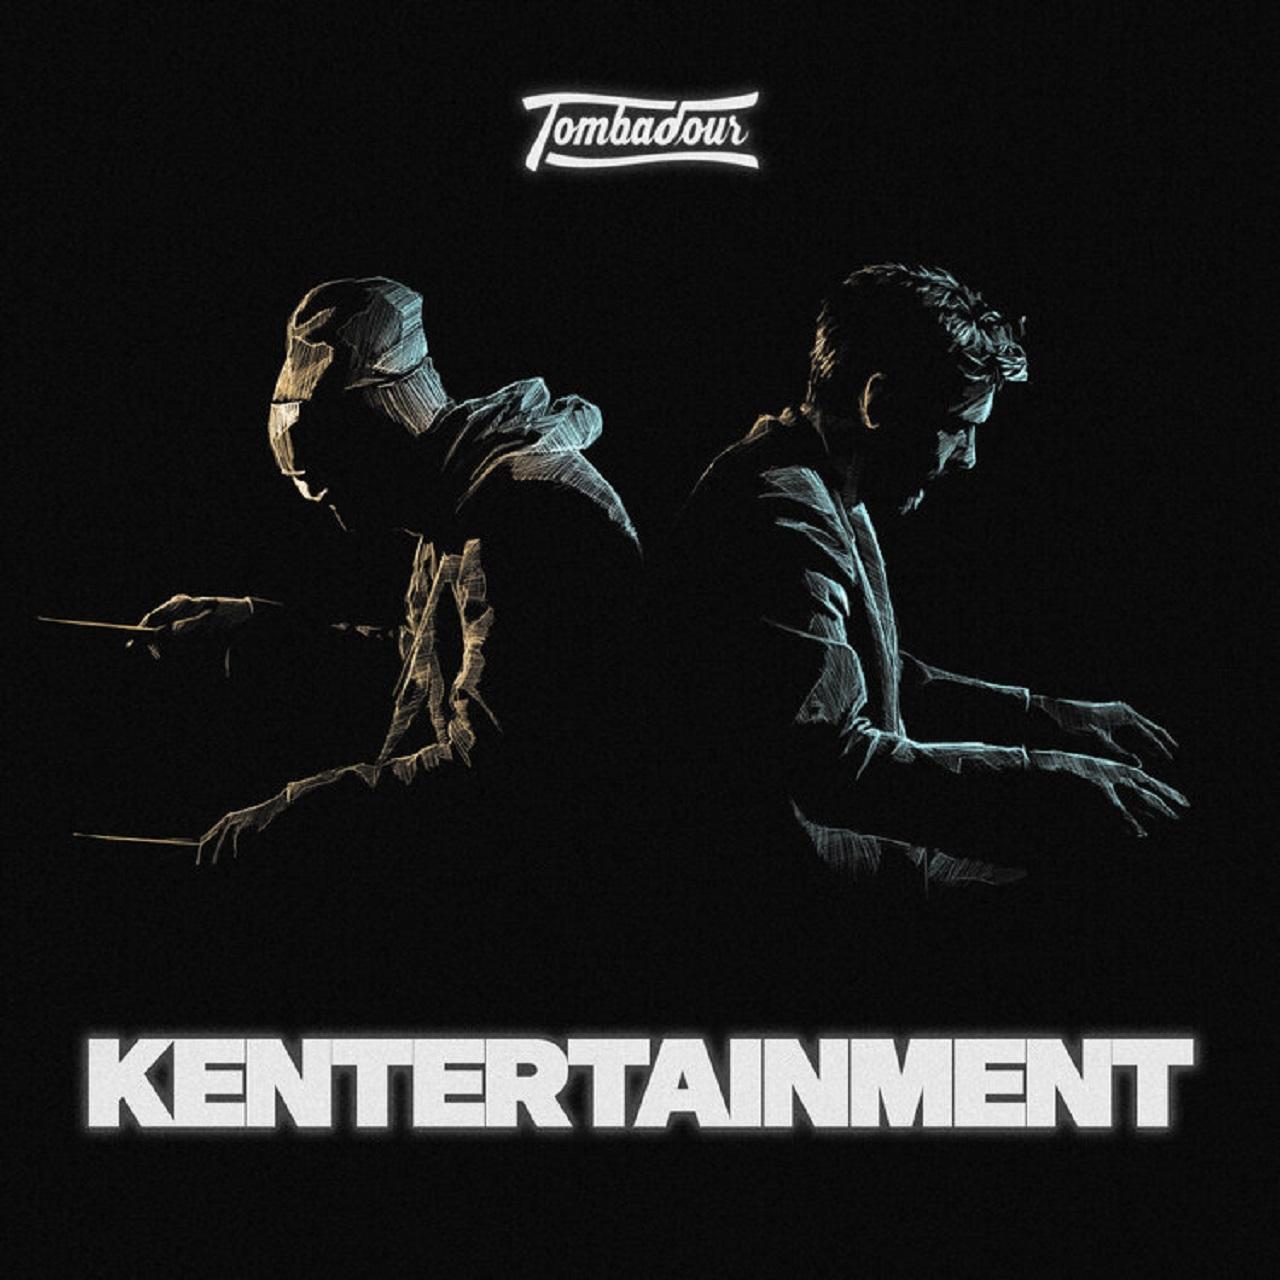 """Albumcover """"Kentertainment"""" von Tombadour"""